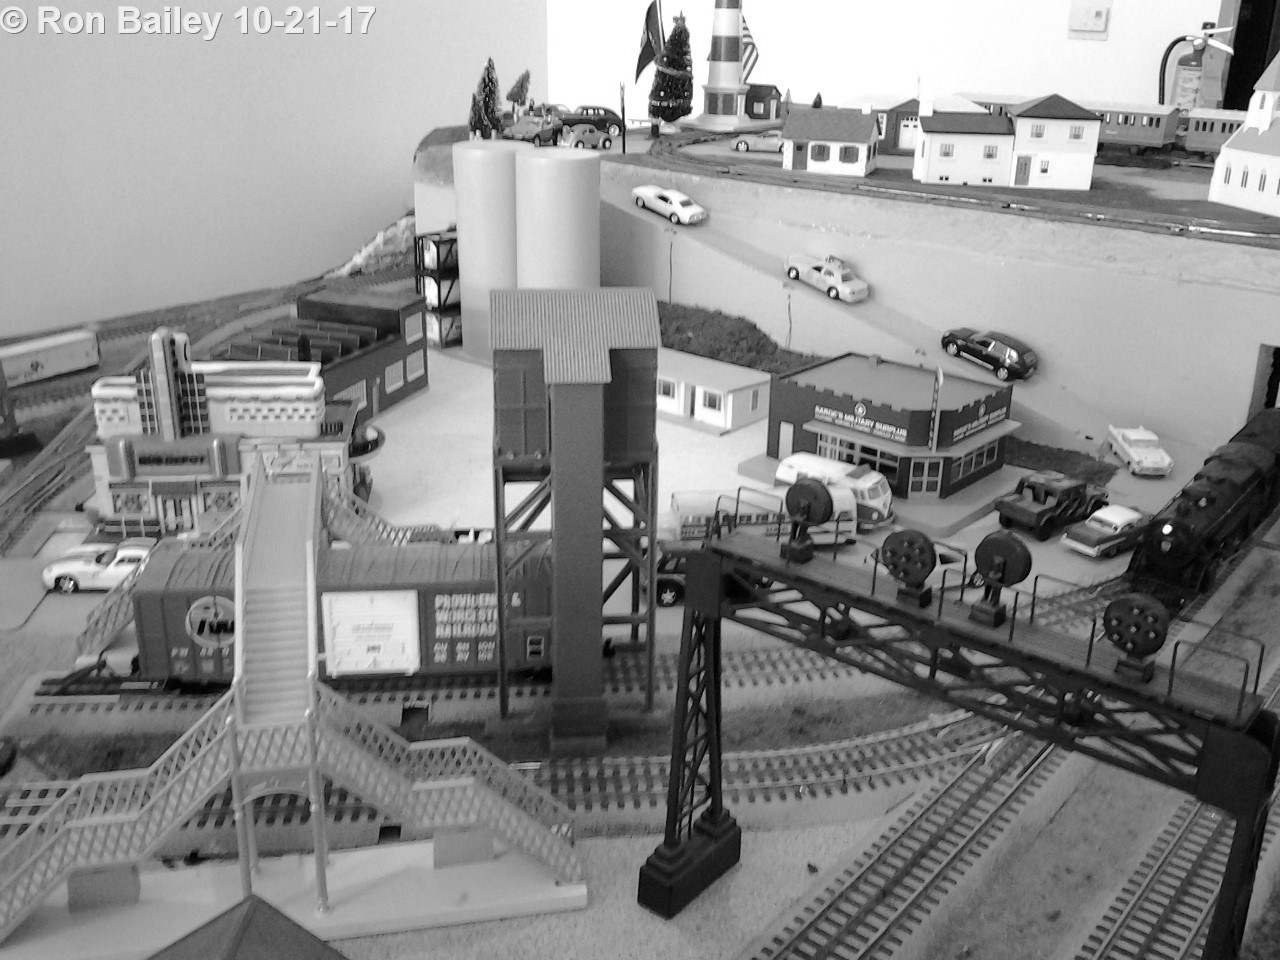 nelsonville-rail-fair-10-21-2017-2-52-44-pm_37584332380_o